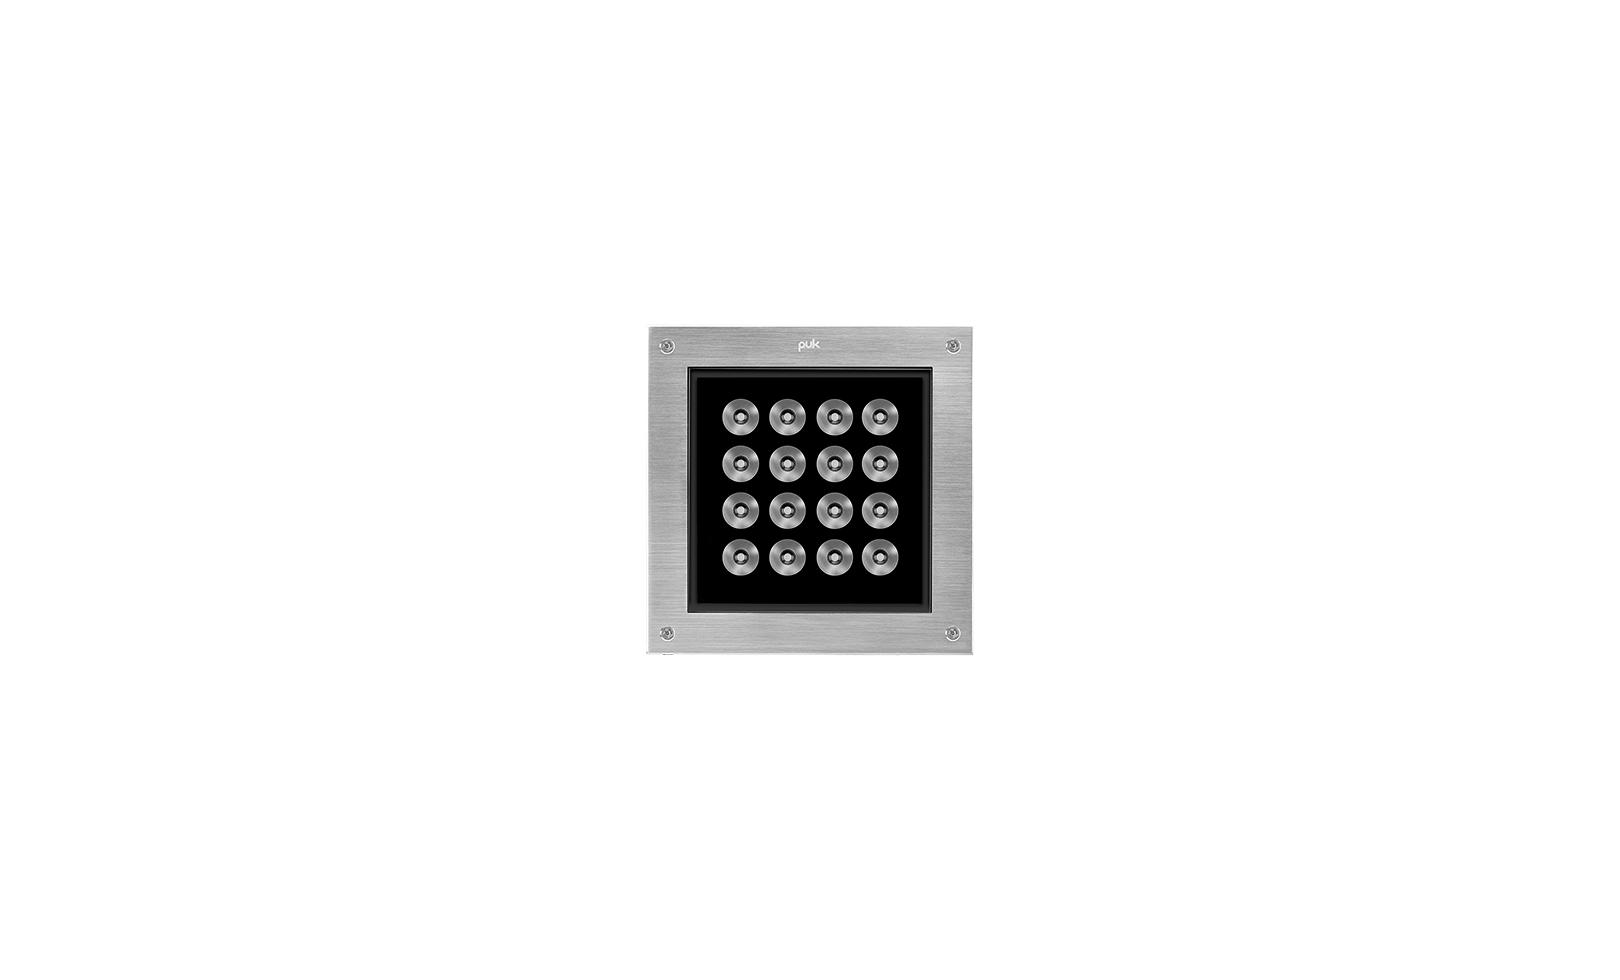 202009 HYDROQUADRO MAXI LED 24W 3